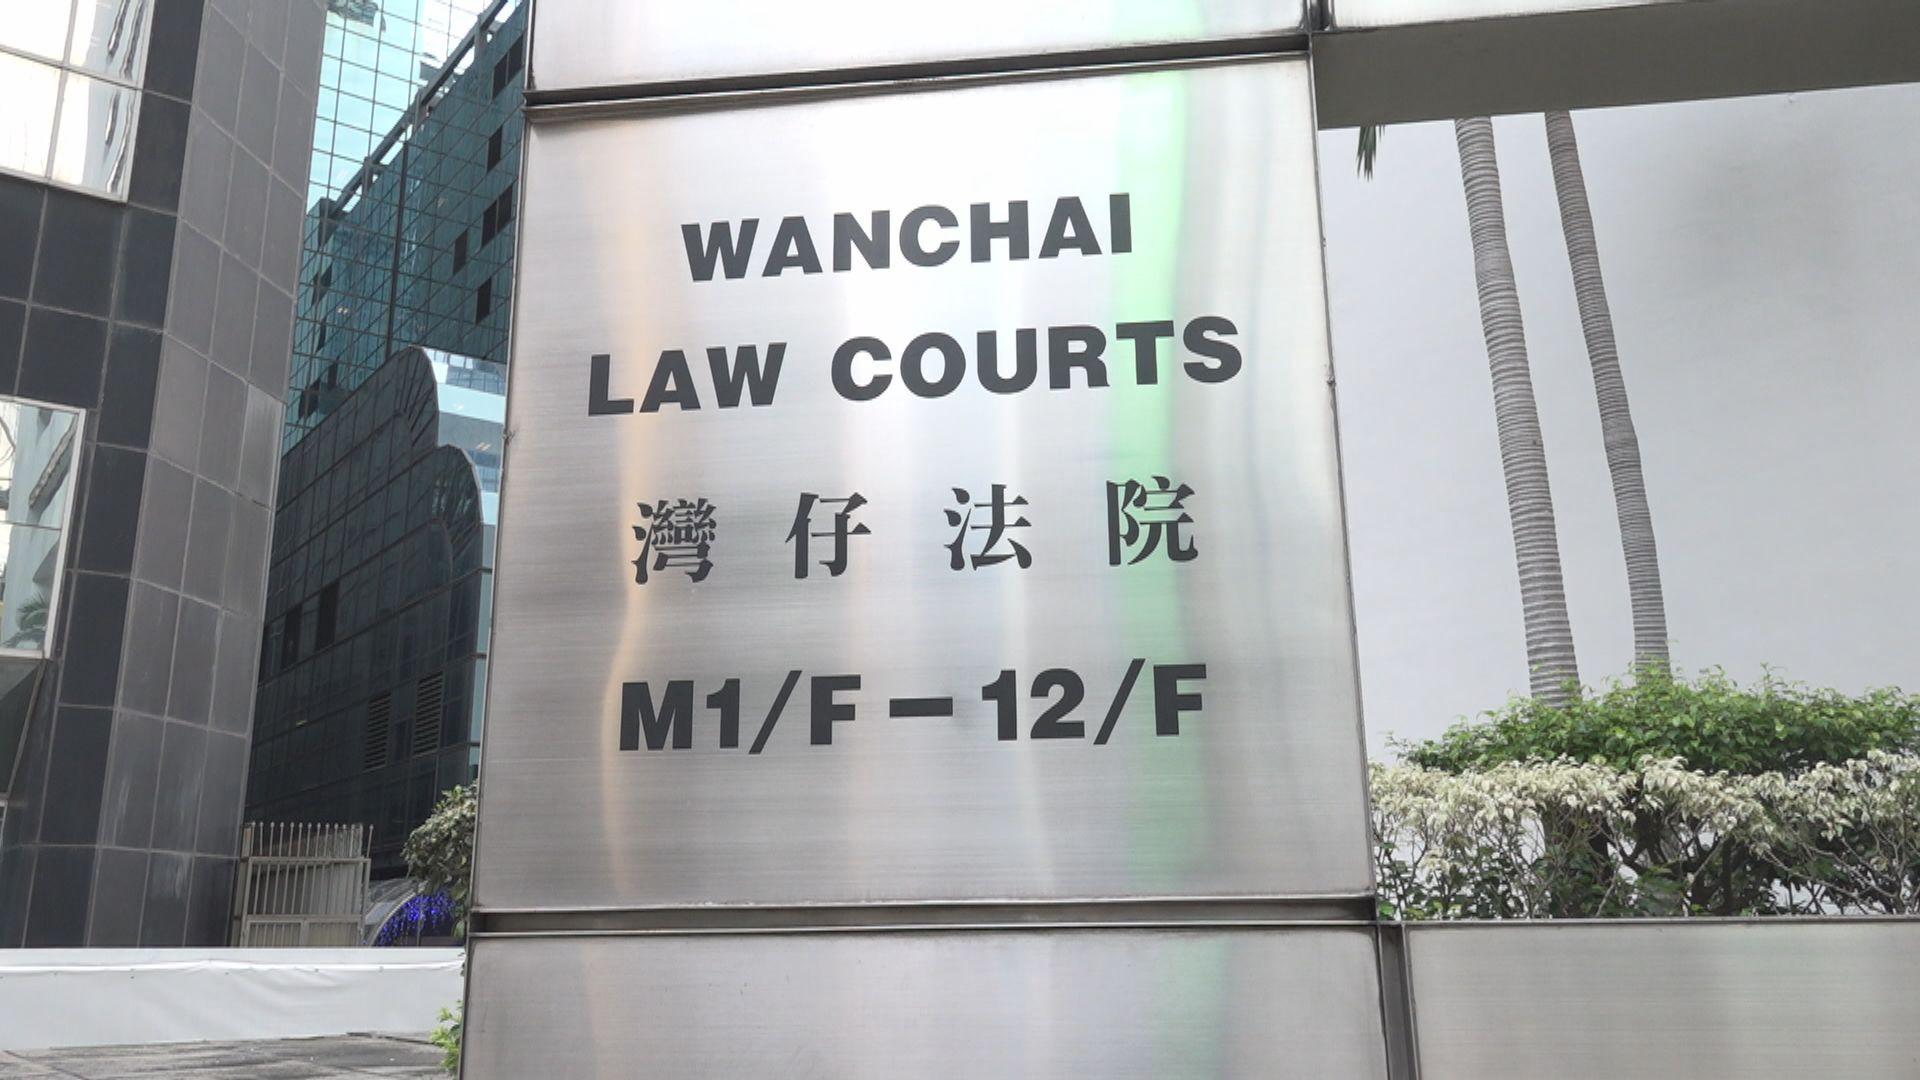 譚得志涉發表煽動文字罪 辯方申請終止聆訊被拒